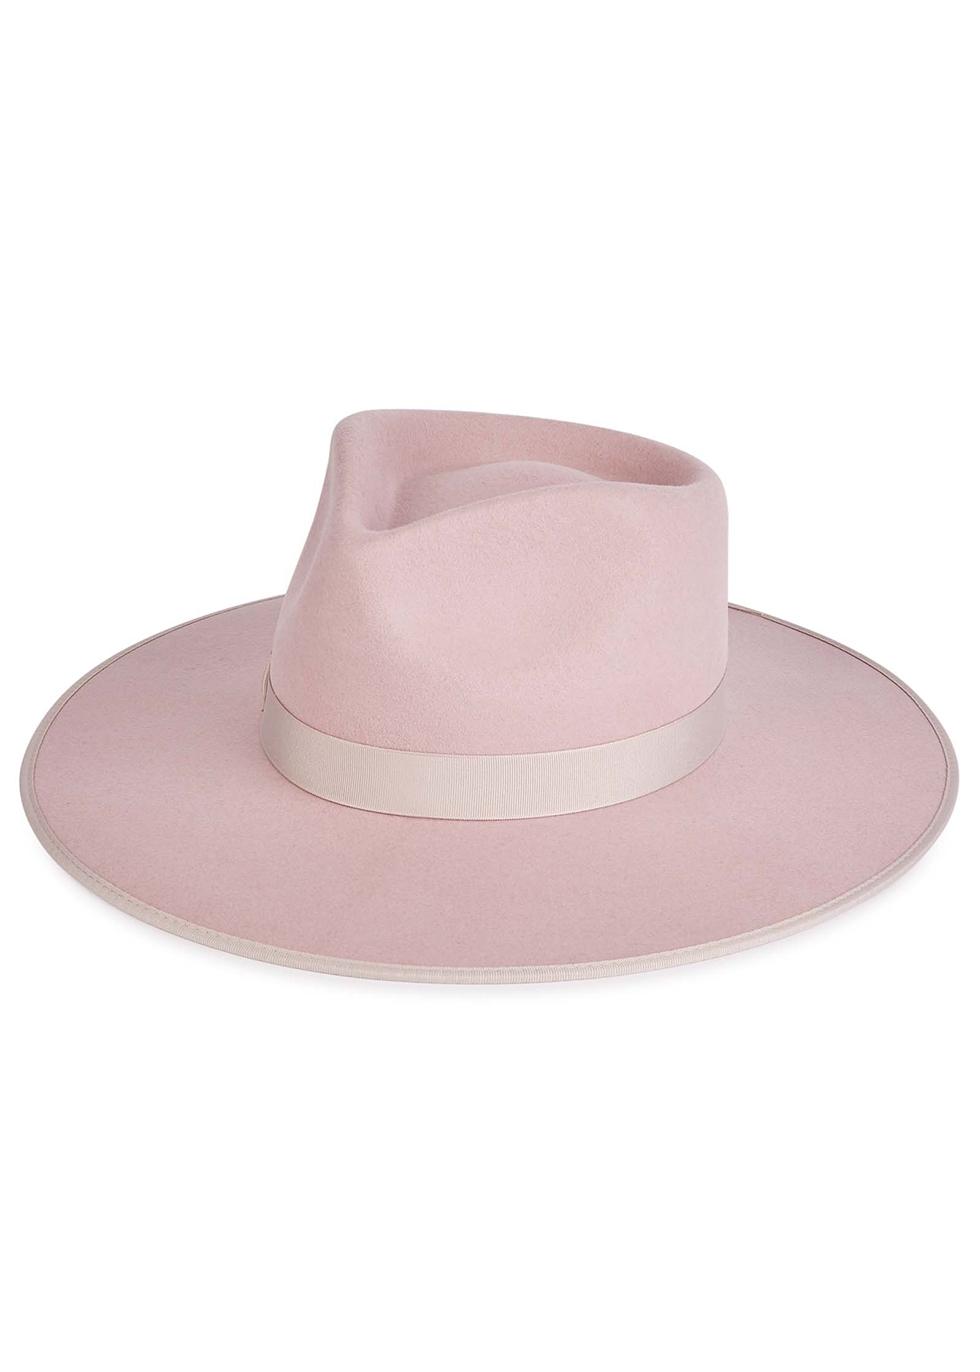 Dream Rancher pink wool felt fedora